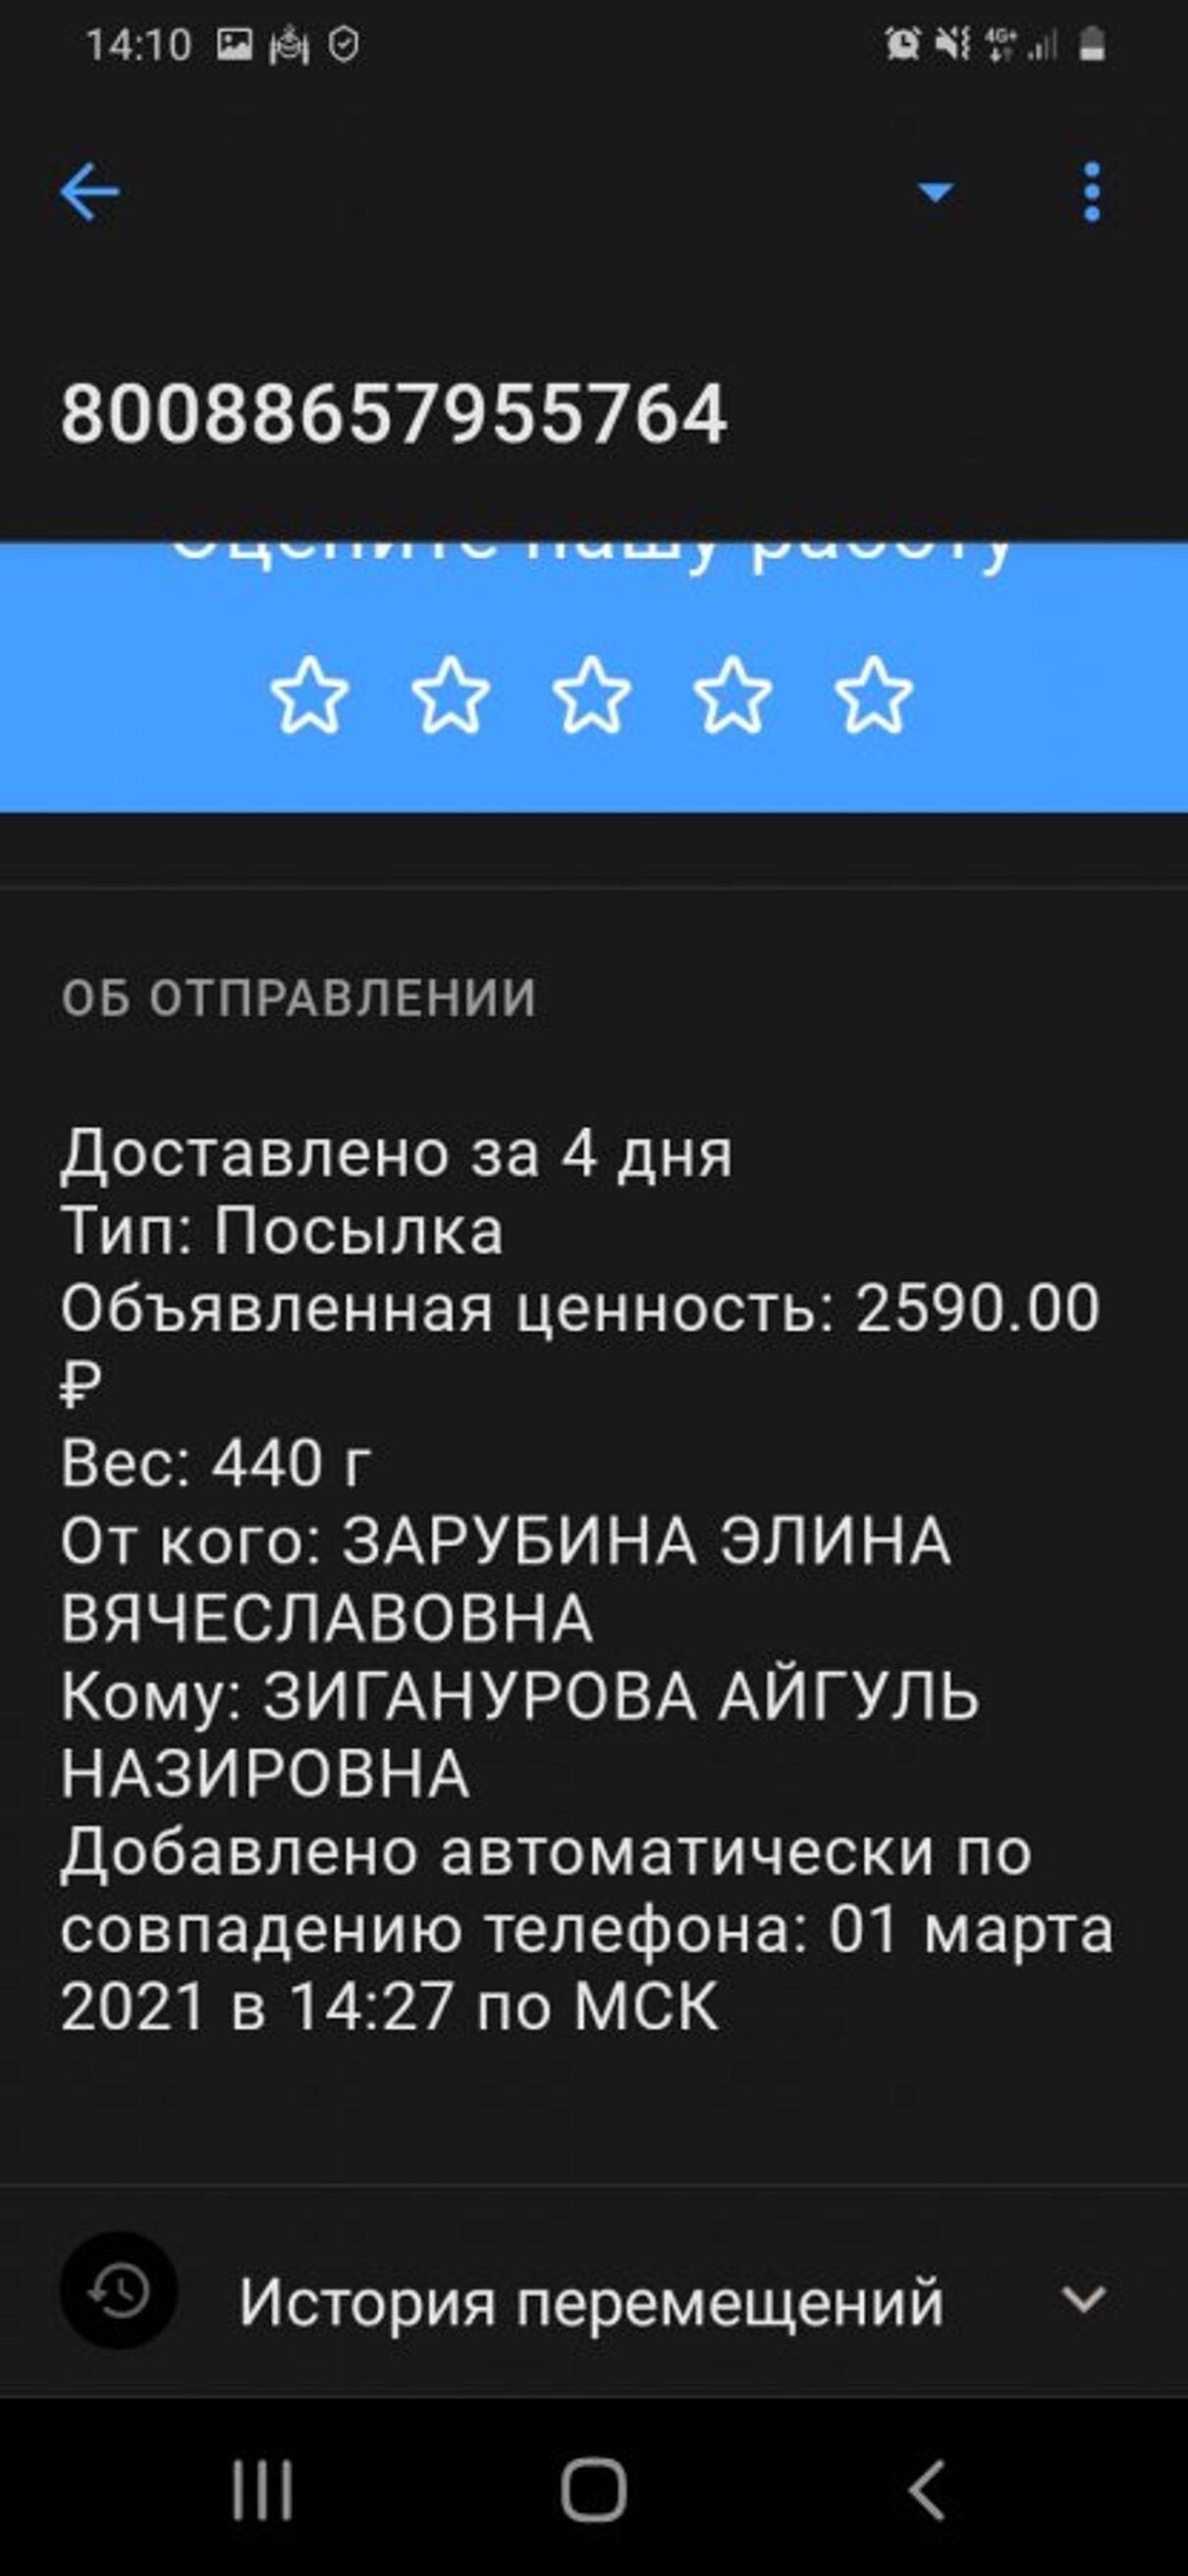 Жалоба-отзыв: Зарубина Элина Вячеславовна - Мошенничество.  Фото №5